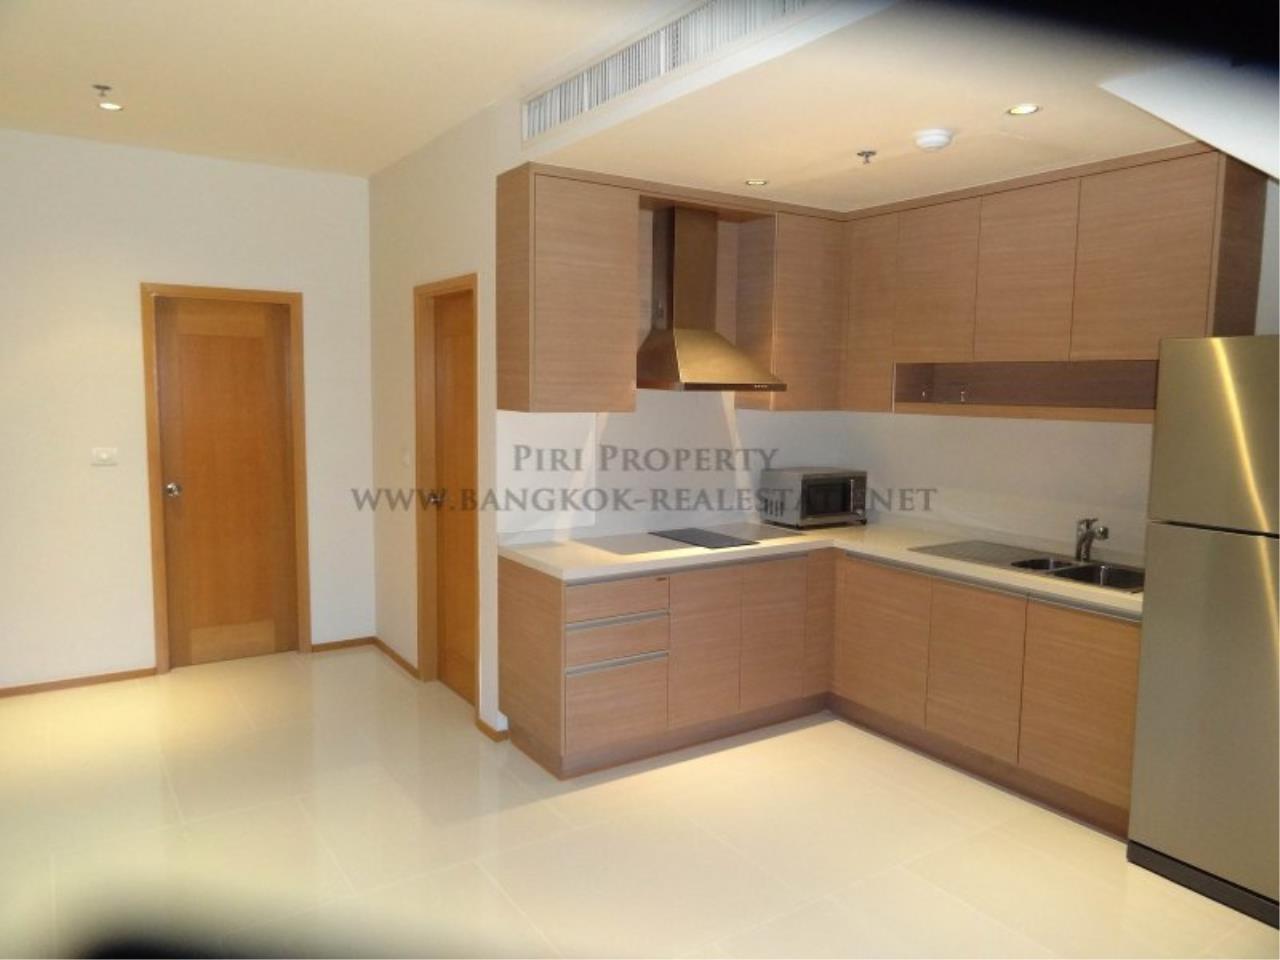 Piri Property Agency's Duplex Condo in the Emporio Place Condominium - Phrom Phong 4